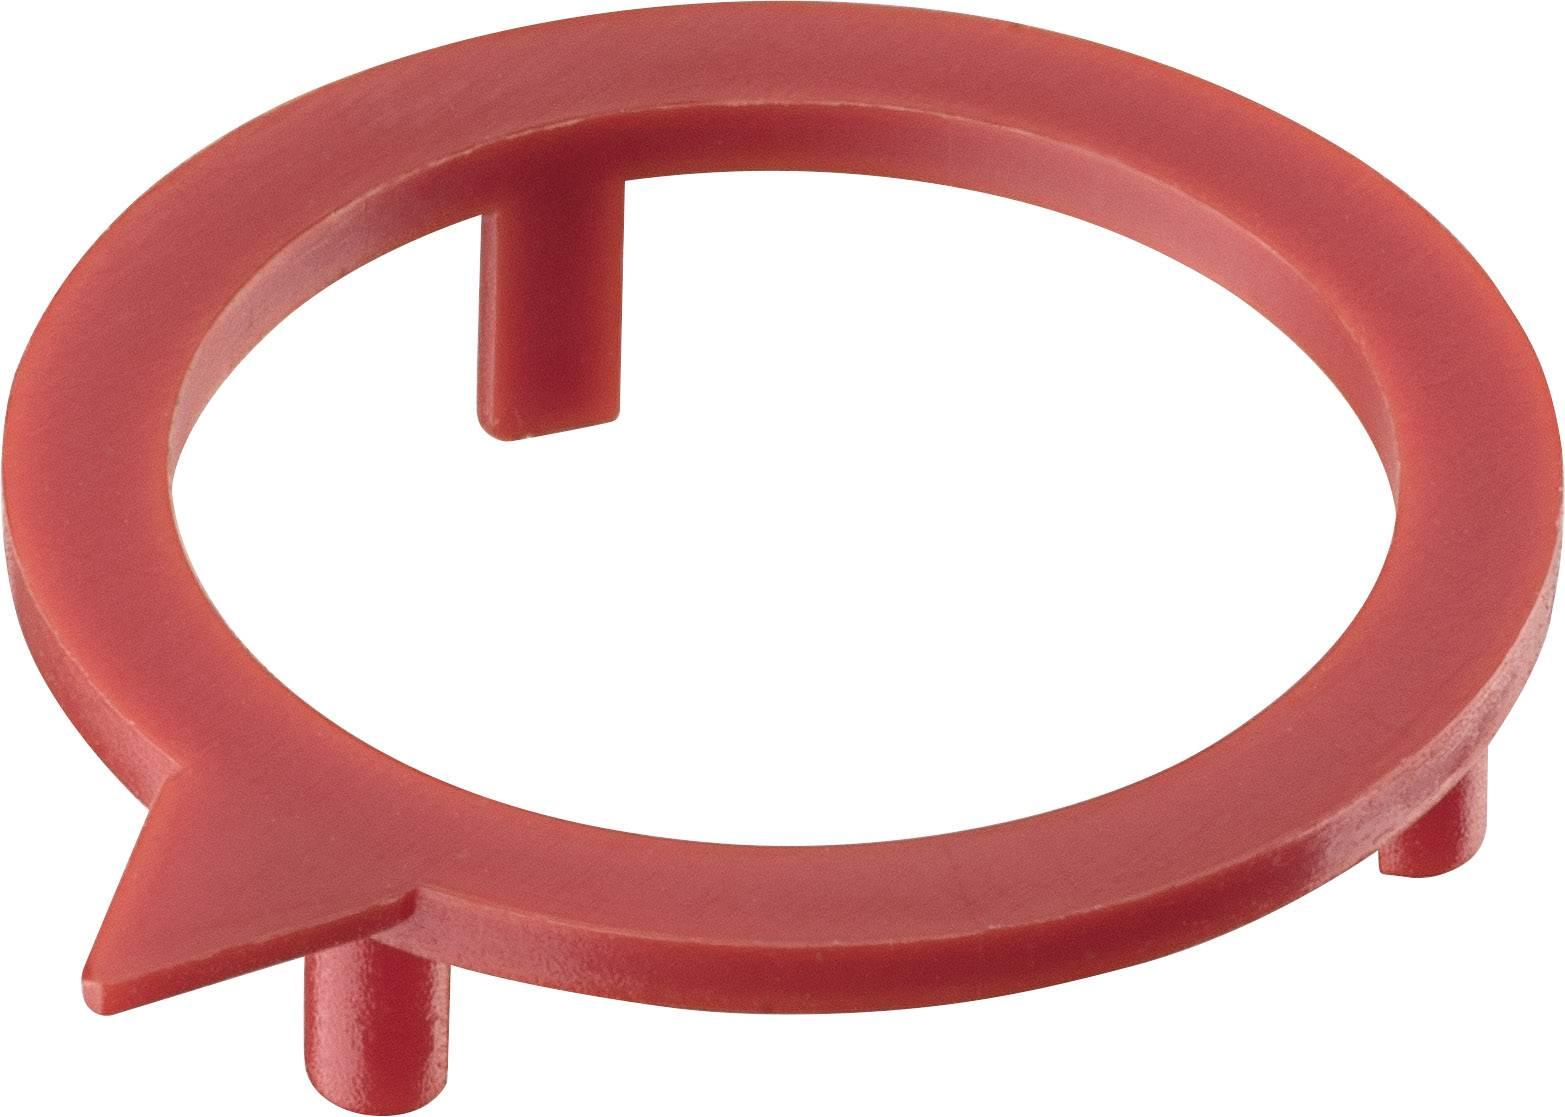 Kotouč se šipkou Ritel 40 21 00 4 21 mm, červená, 1 ks